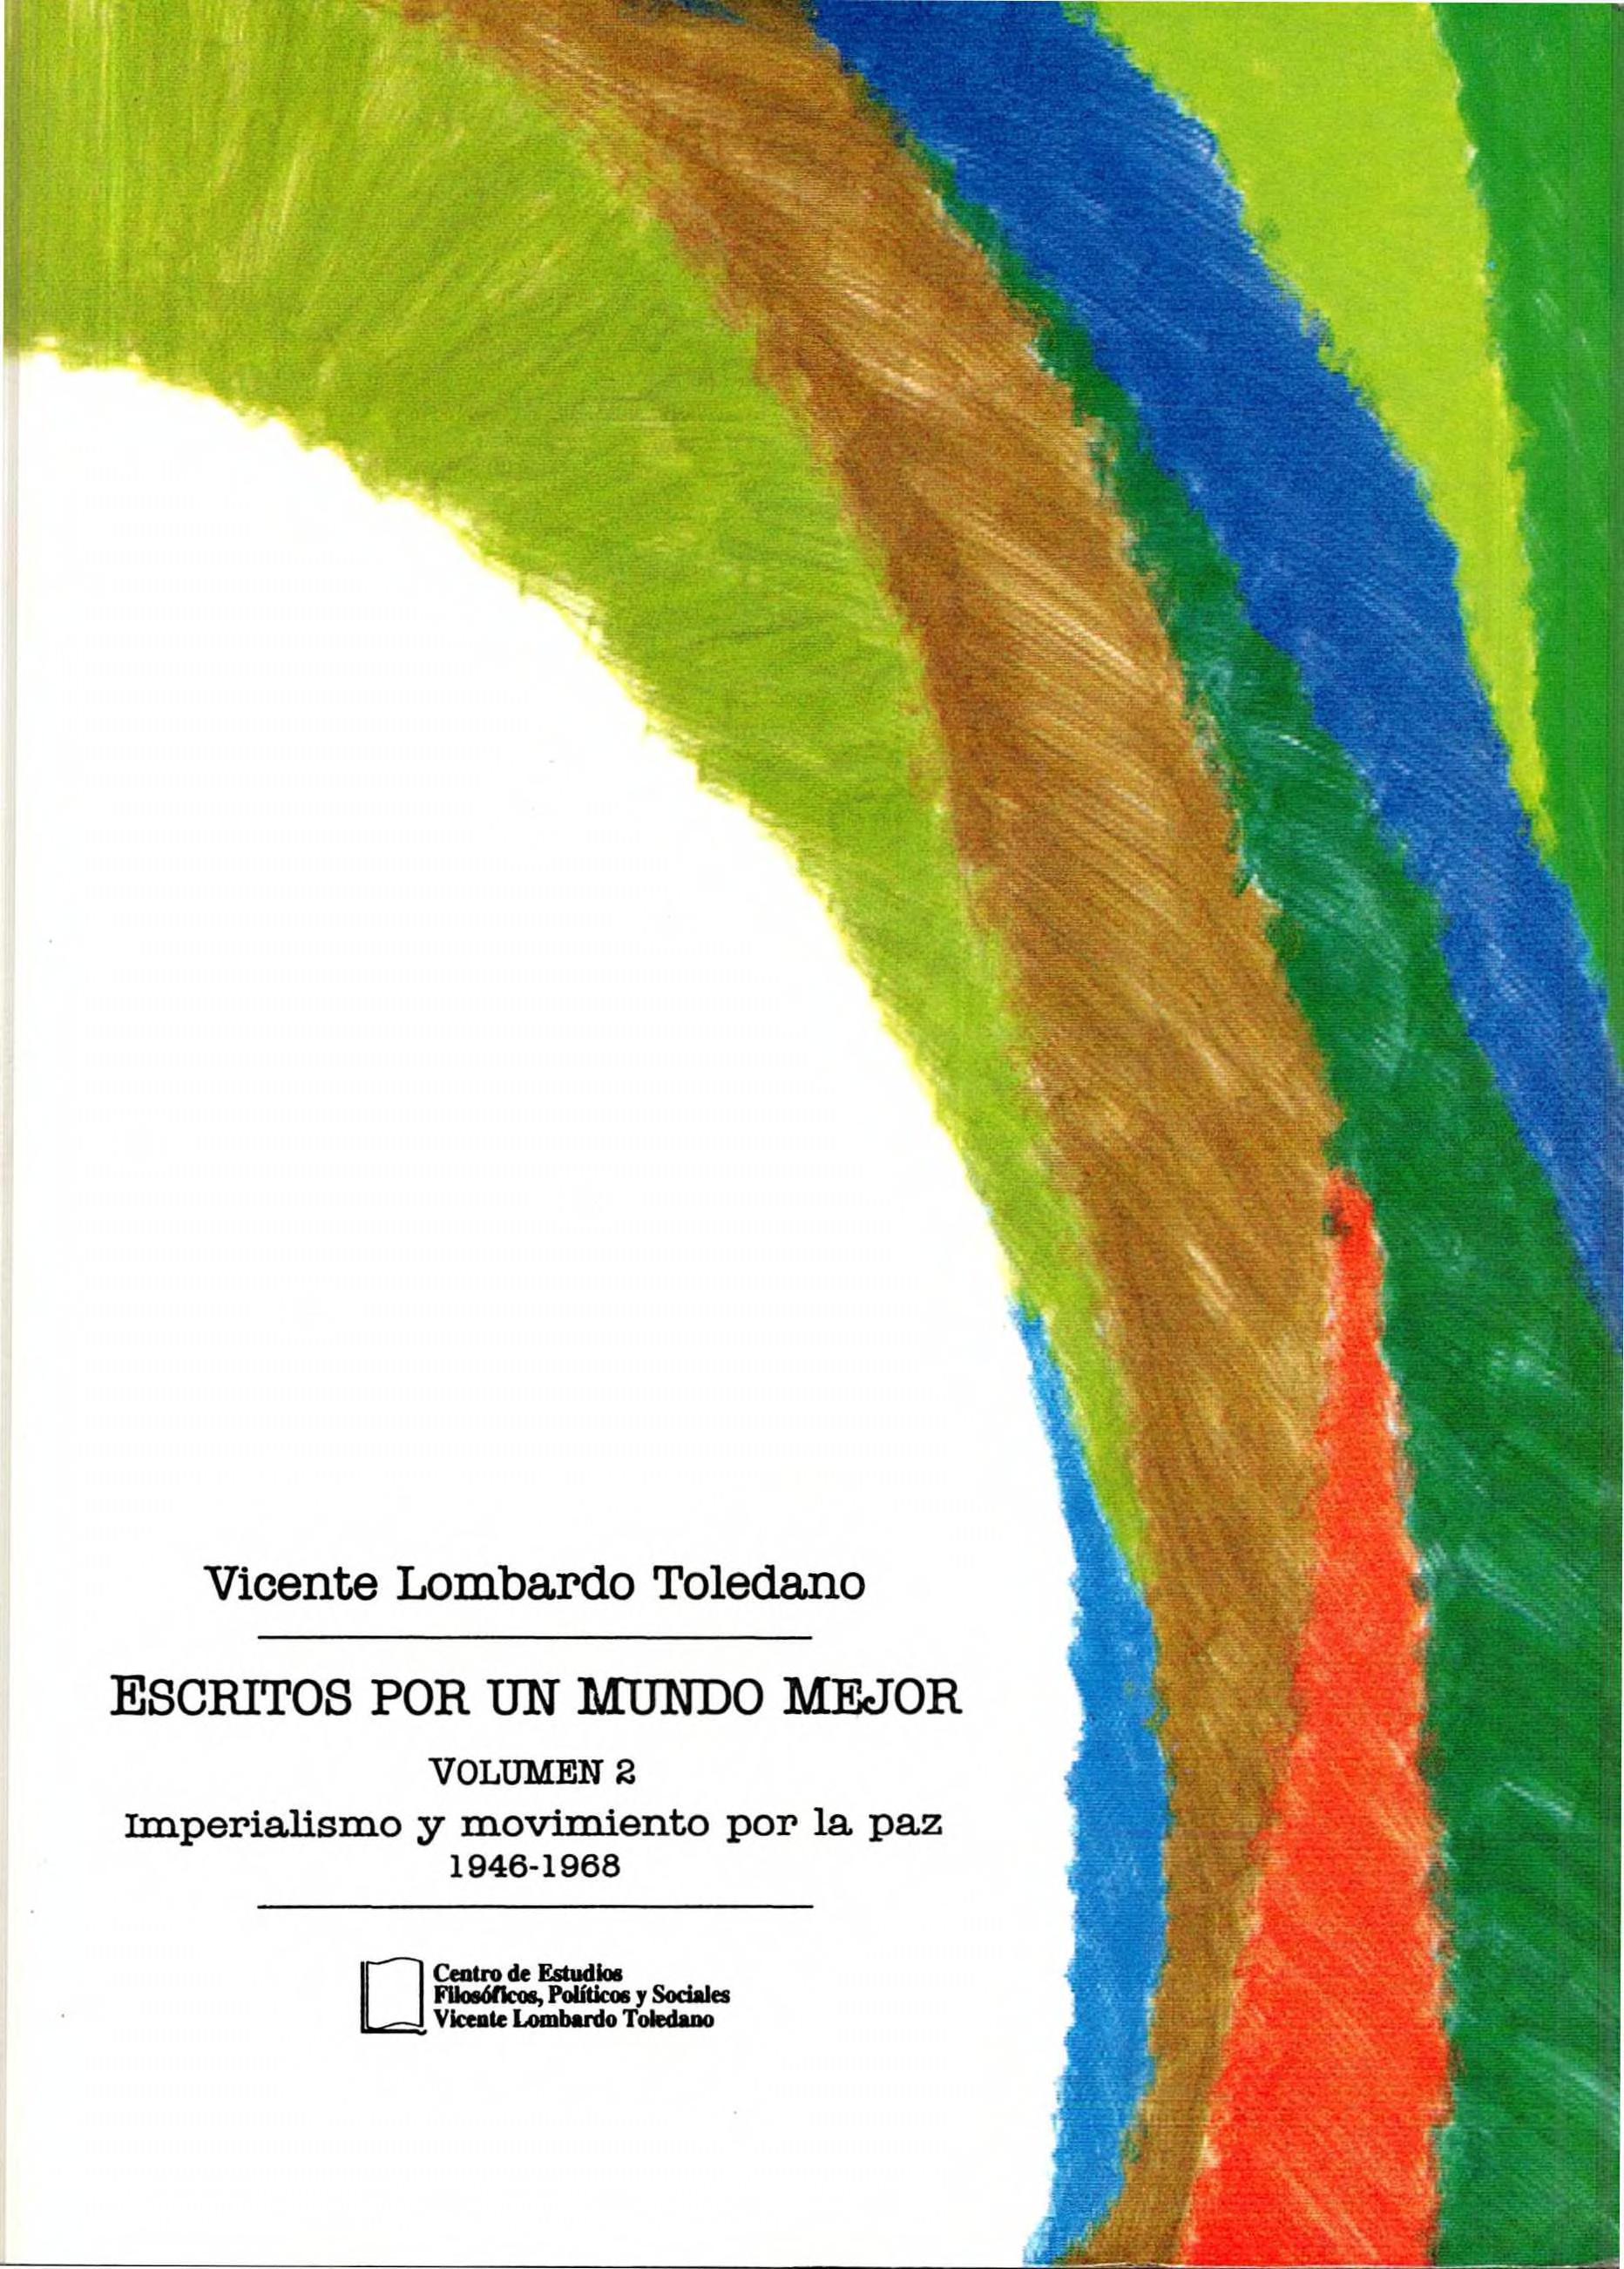 Portada del libro: Escritos por un mundo mejor. Vol. 2. Imperialismo y movimiento por la paz (1946-1968)